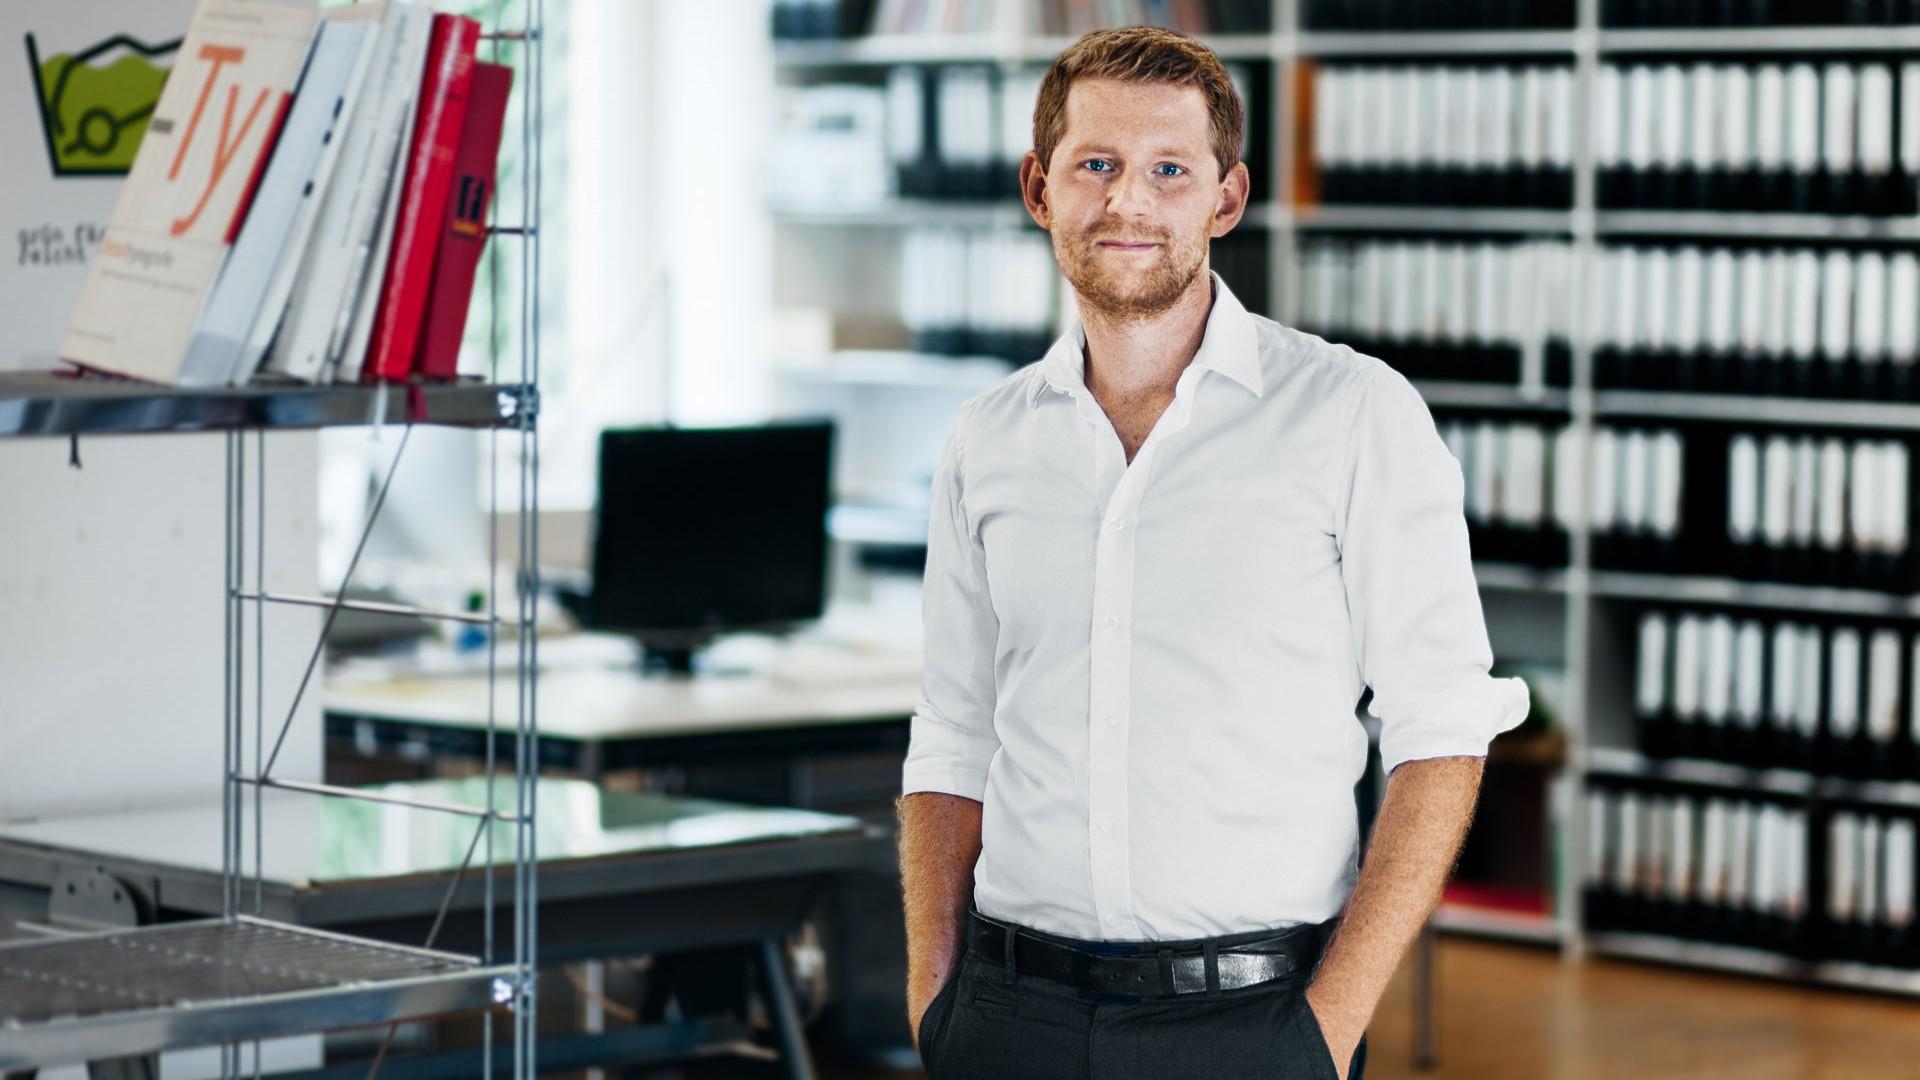 Tim steht in weißem Hemd zwischen Arbeitstischen und Bücherregalen im Büro.